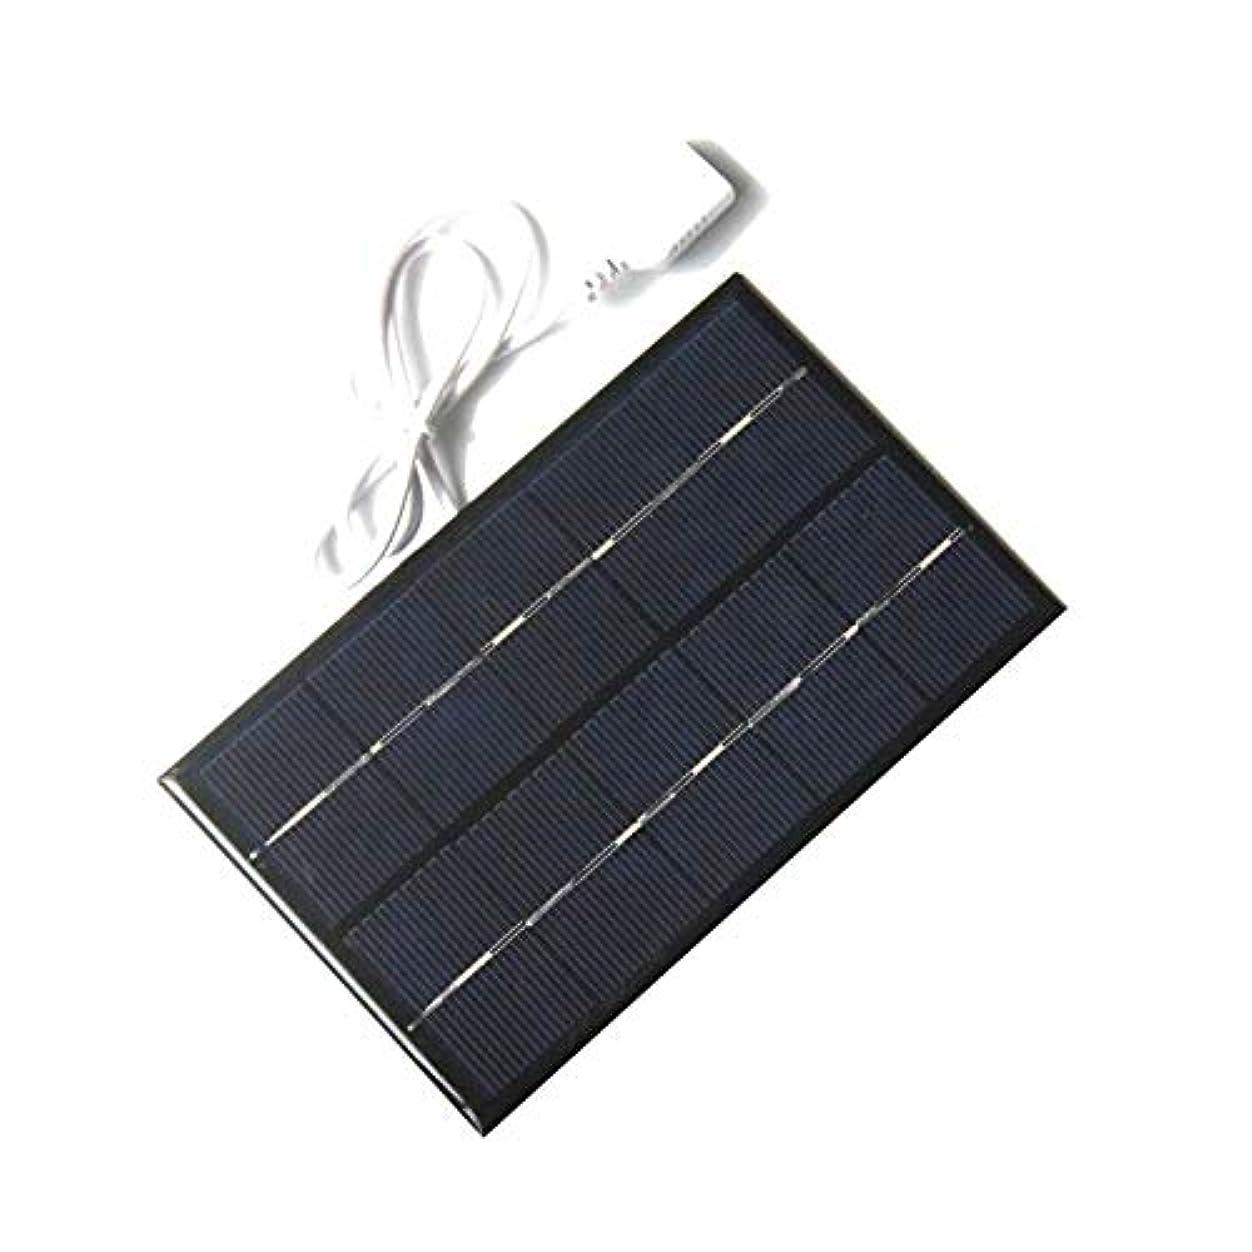 無礼にここに適応的ソーラーパネル USBソーラーパネルアウトドア5W 5Vのポータブルソーラー充電パネルの急速充電器ポリシリコンタブレット太陽トラベル YXJJP